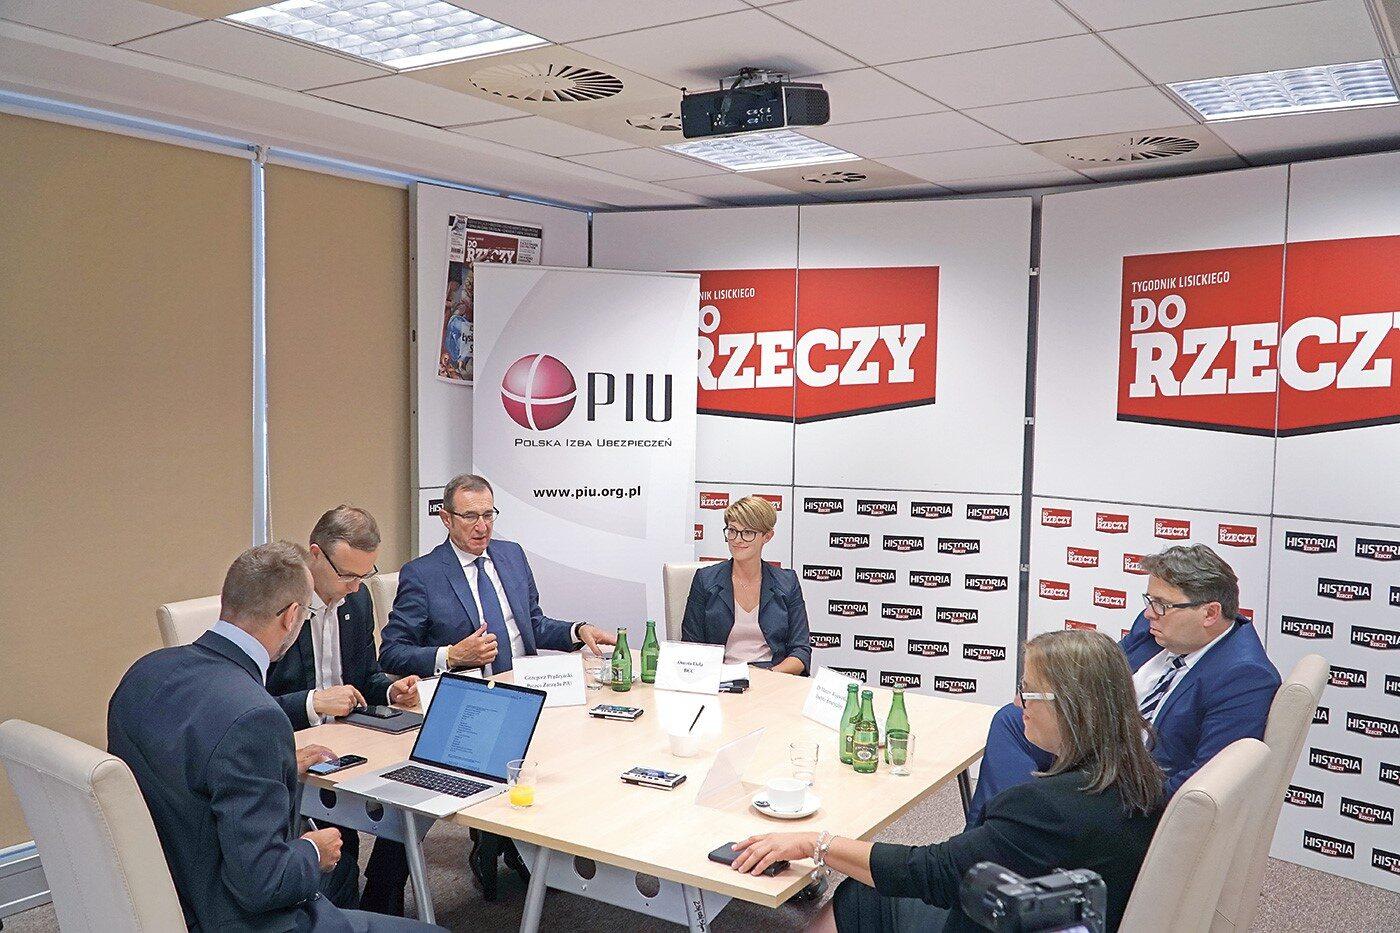 Debata na temat długoterminowego oszczędzania i zmian w ustawie o pracowniczych planach kapitałowych